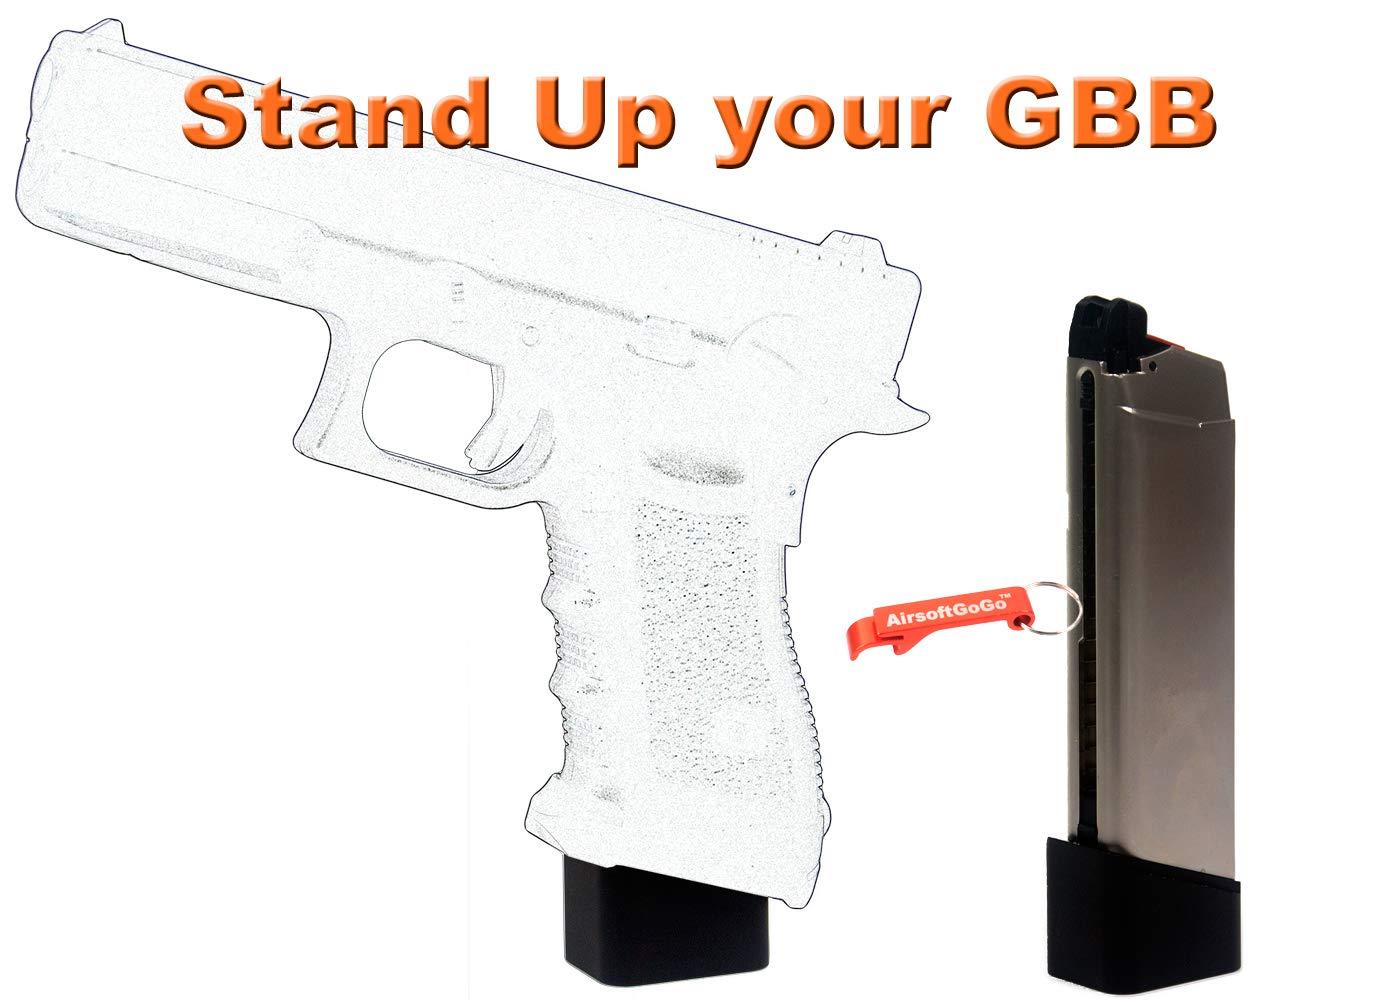 G35 Series Airsoft GBB Plata AGG X AMORER Works Custom Cargador con mag Base Stand para Marui /& We G17,G18c G34